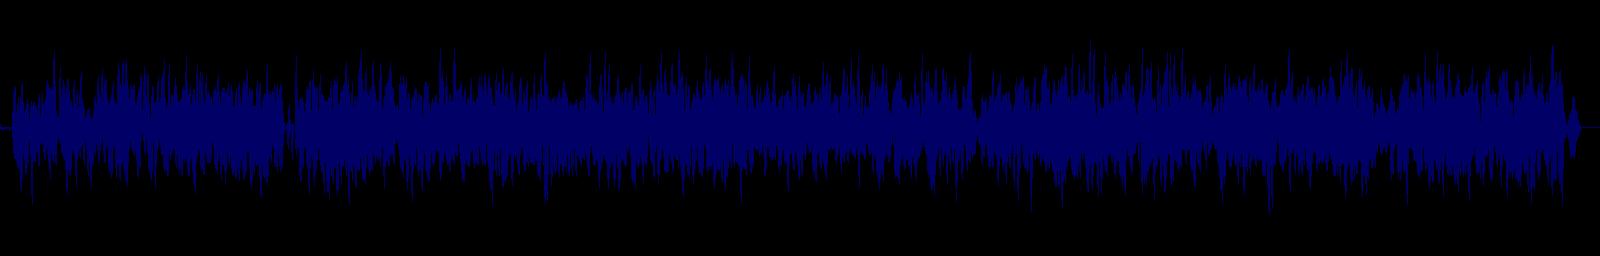 waveform of track #145627